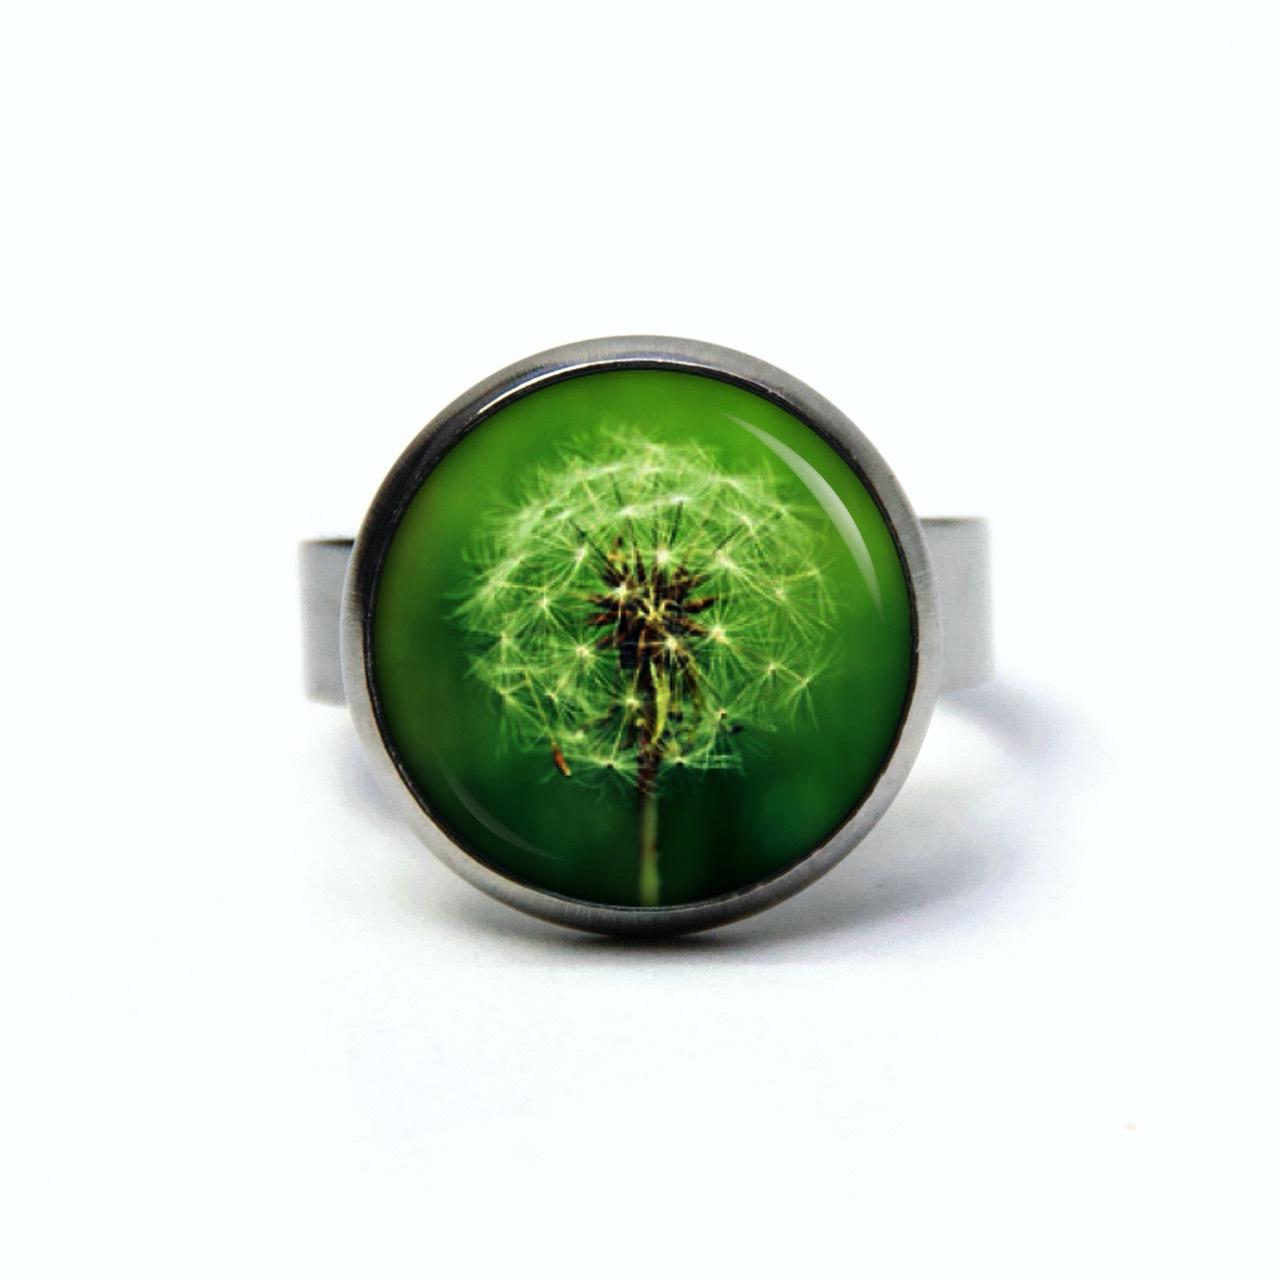 Edelstahl Ring große grüne Pusteblume - verschiedene Größen